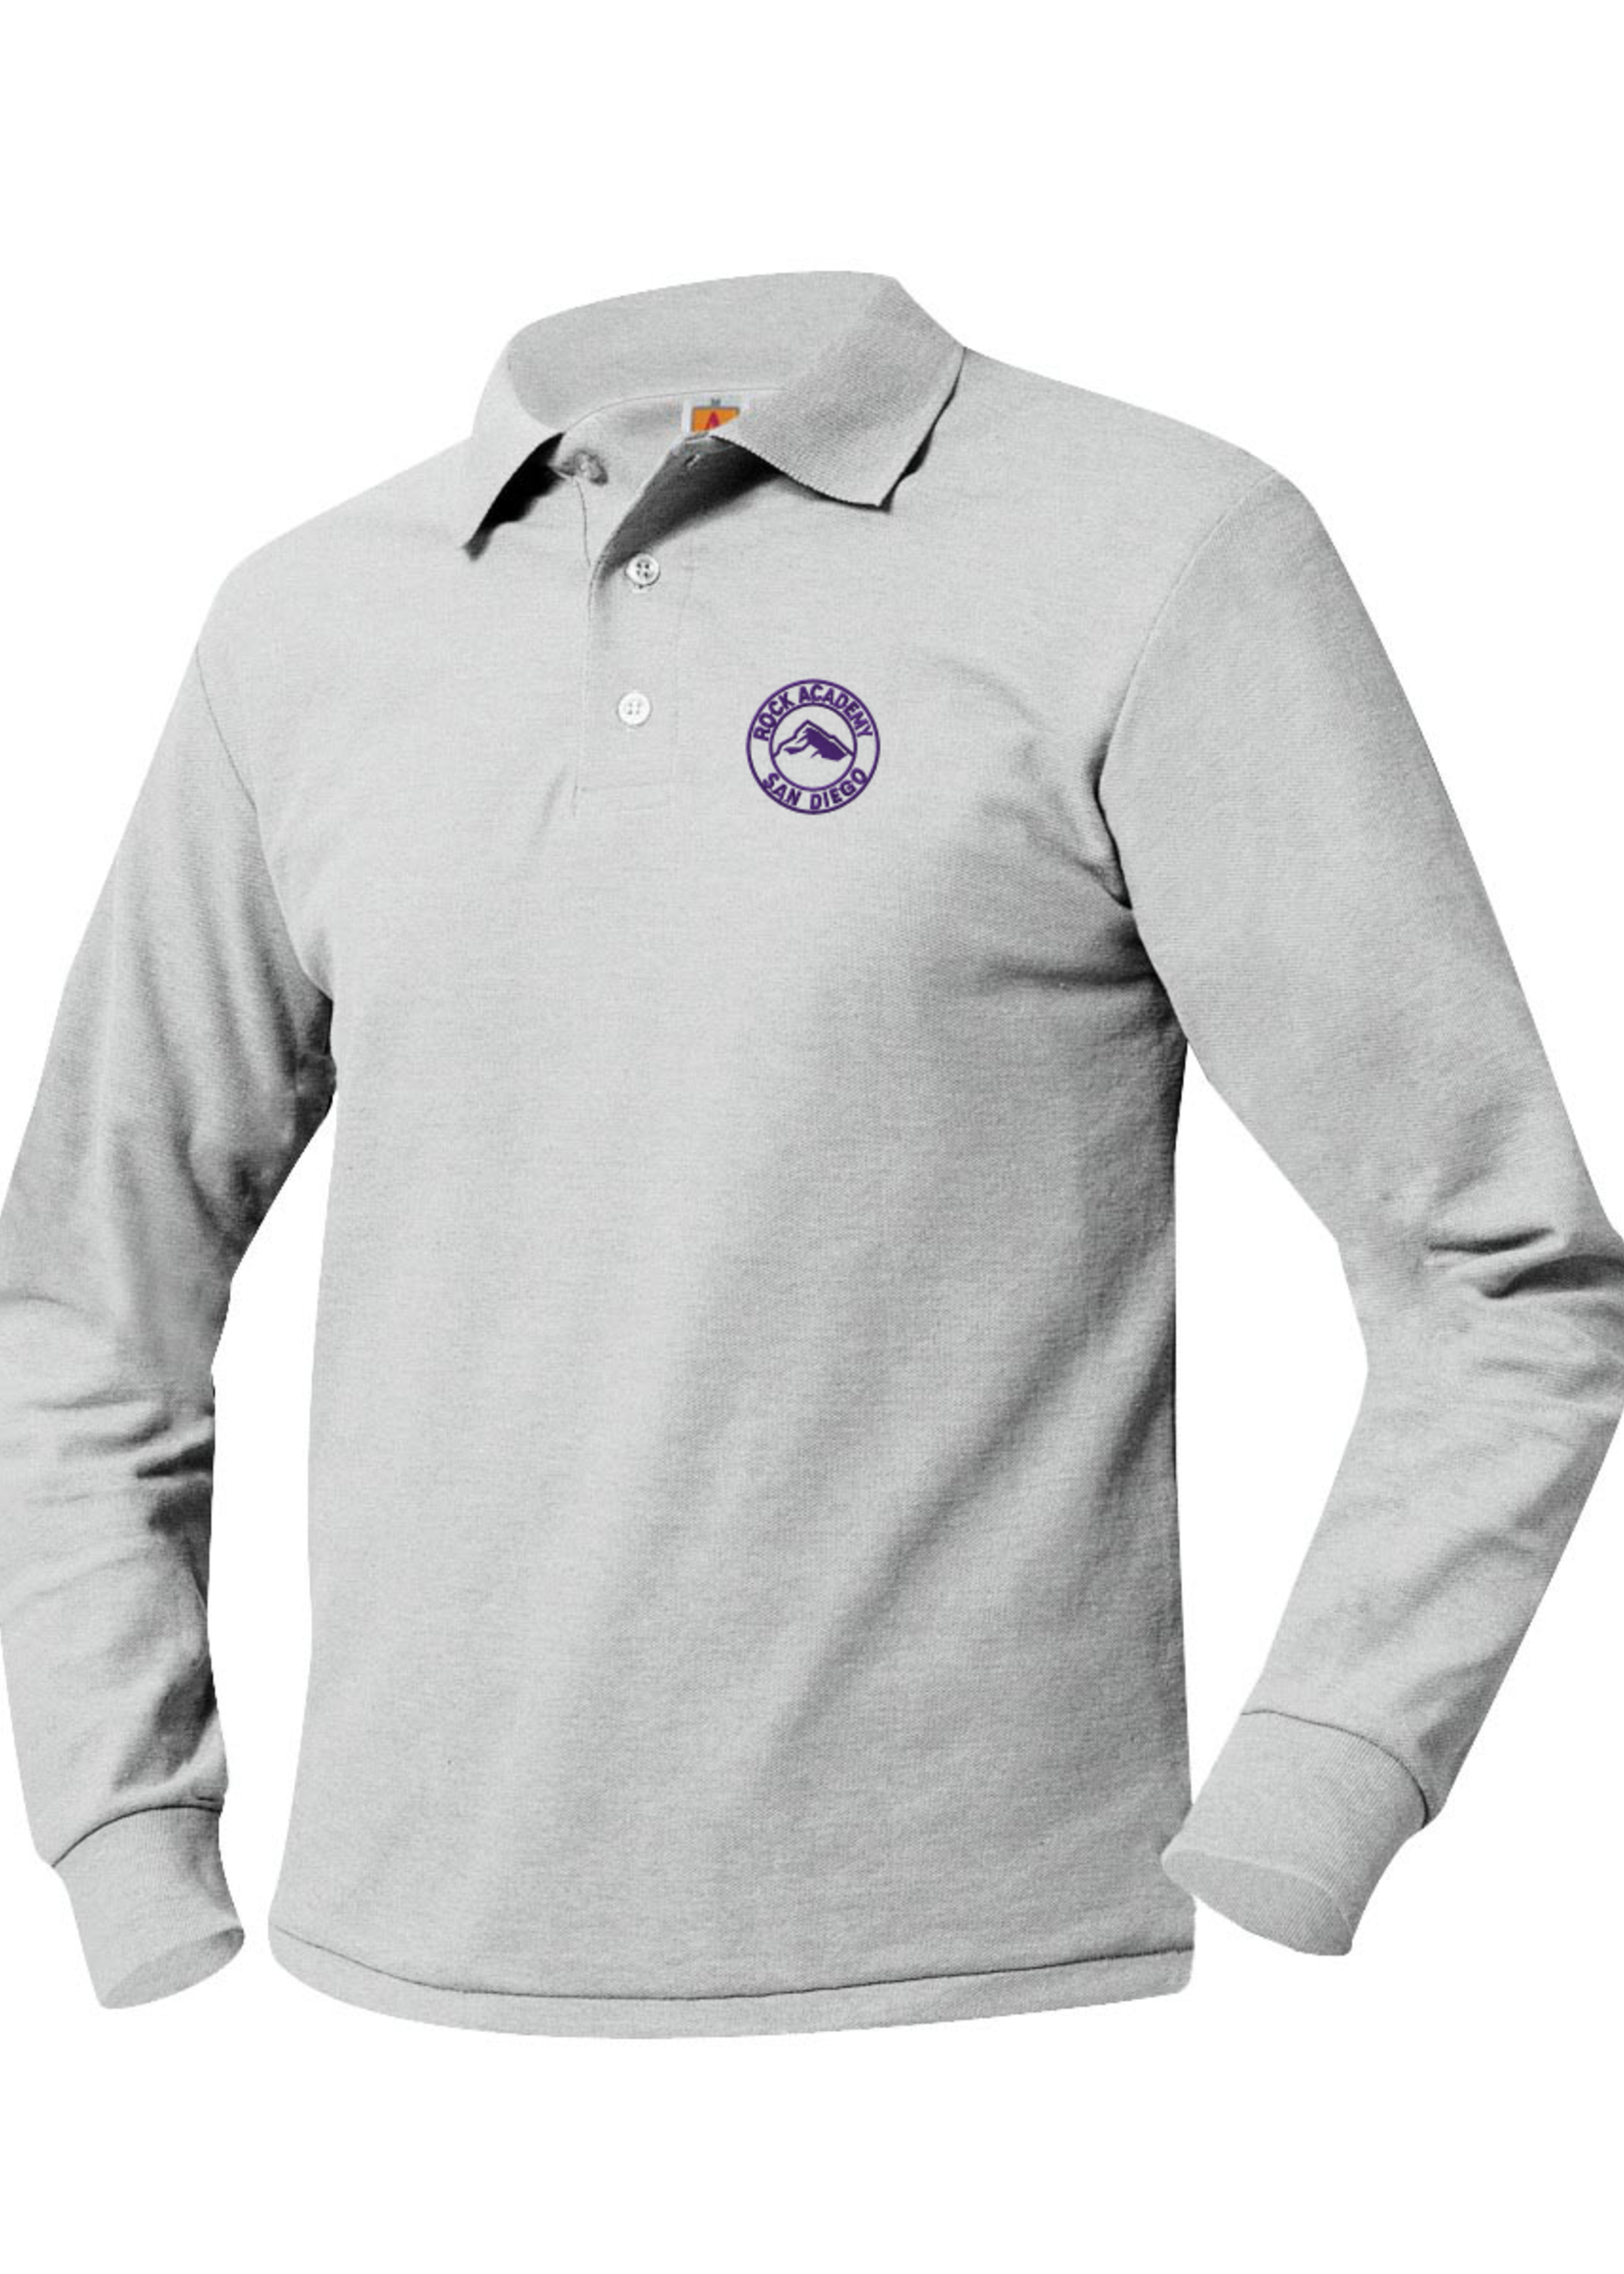 TUS ROCK Long Sleeve Pique Polo